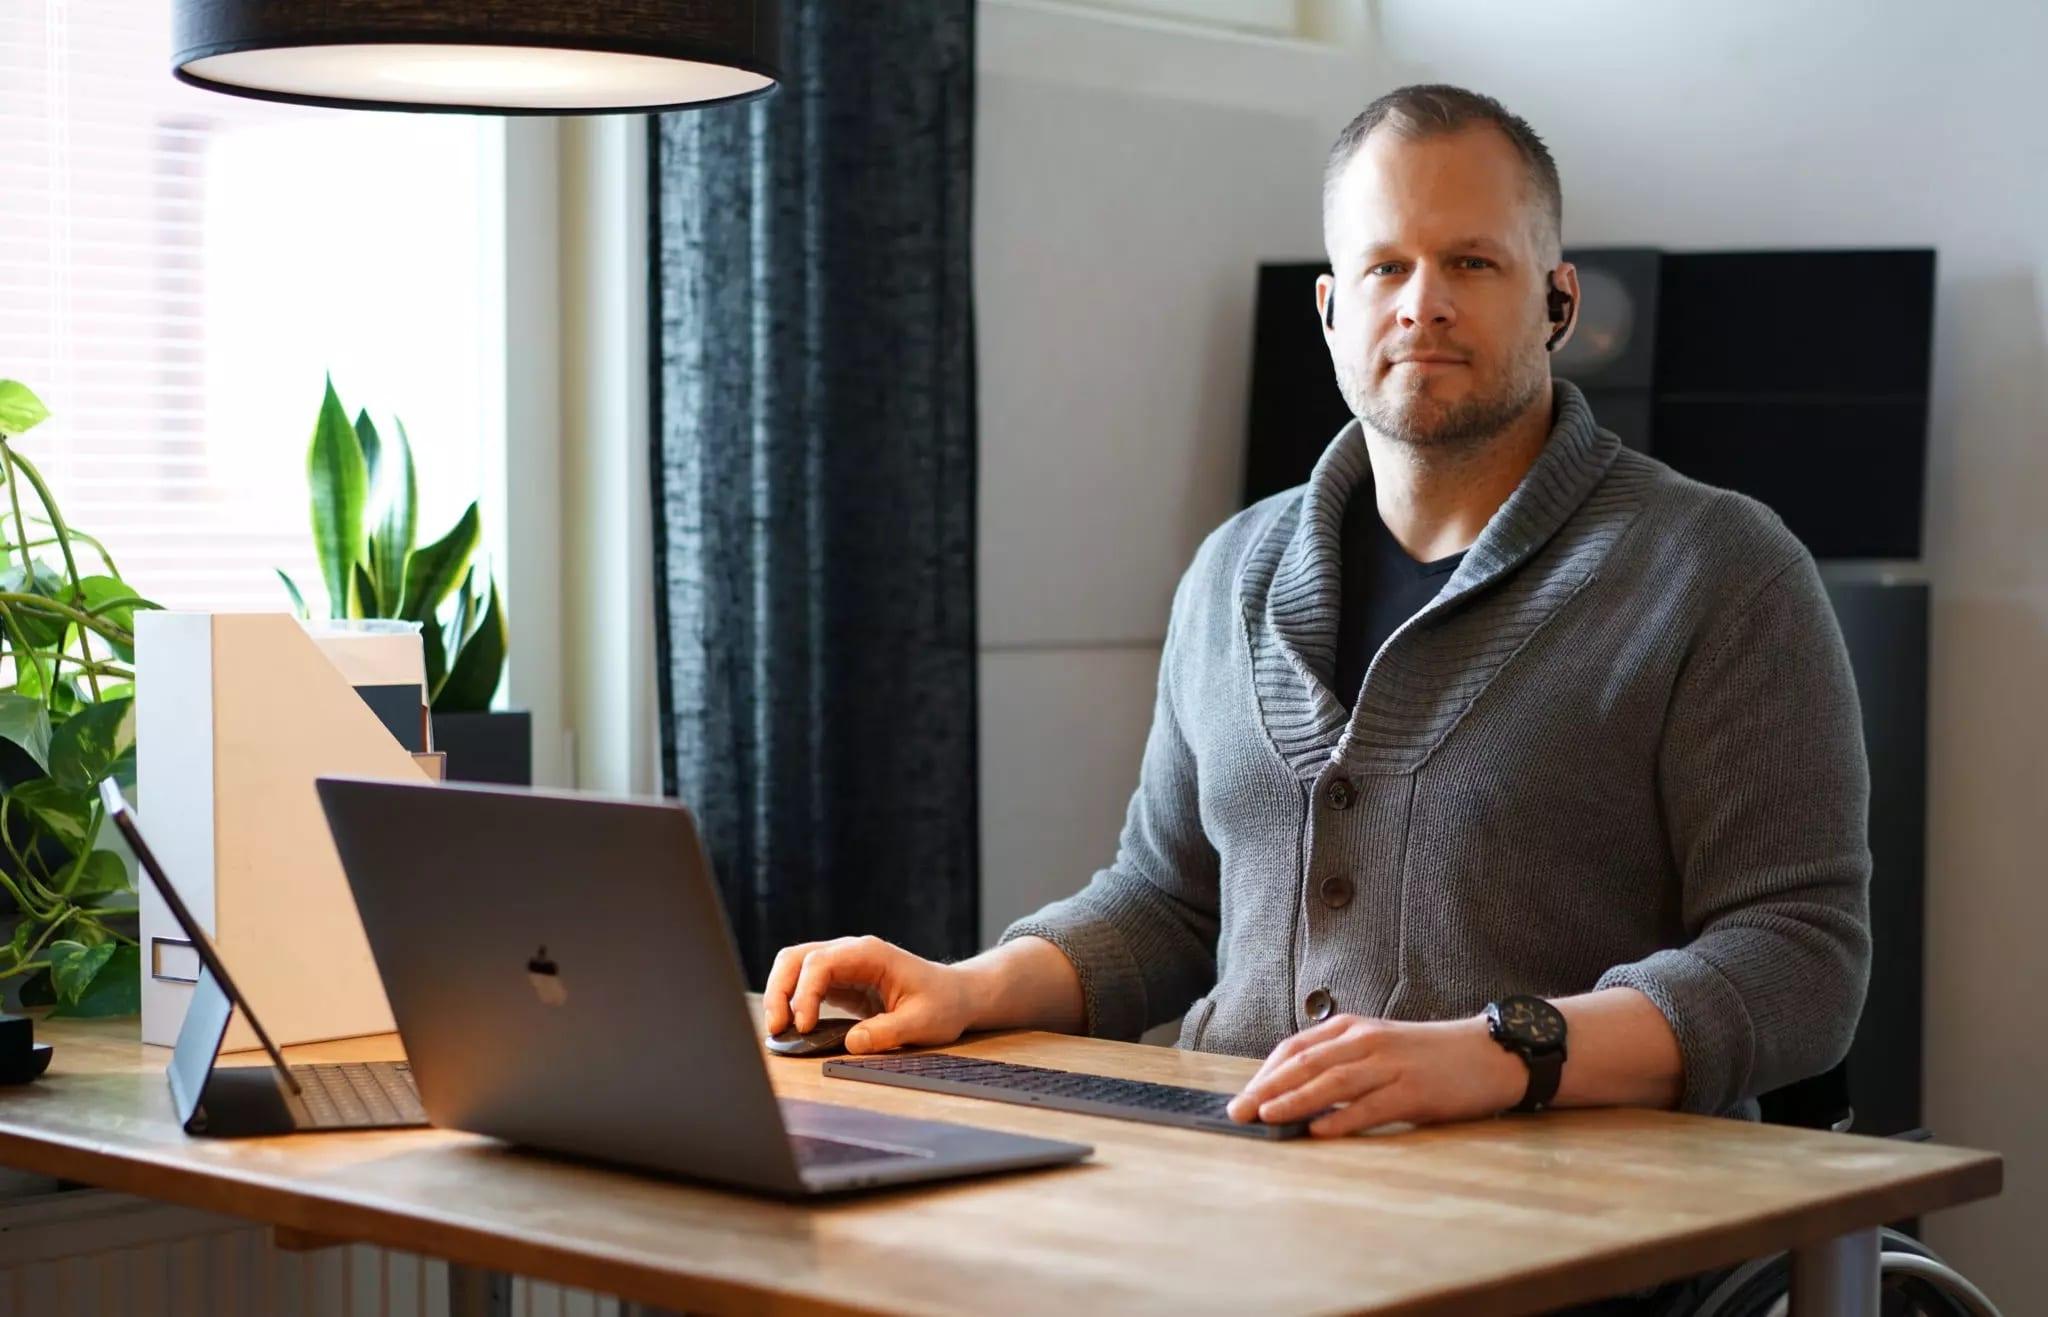 Staffan sitter vid dator med headset. Han har blont kort hår och har på sig en grå cardigan.